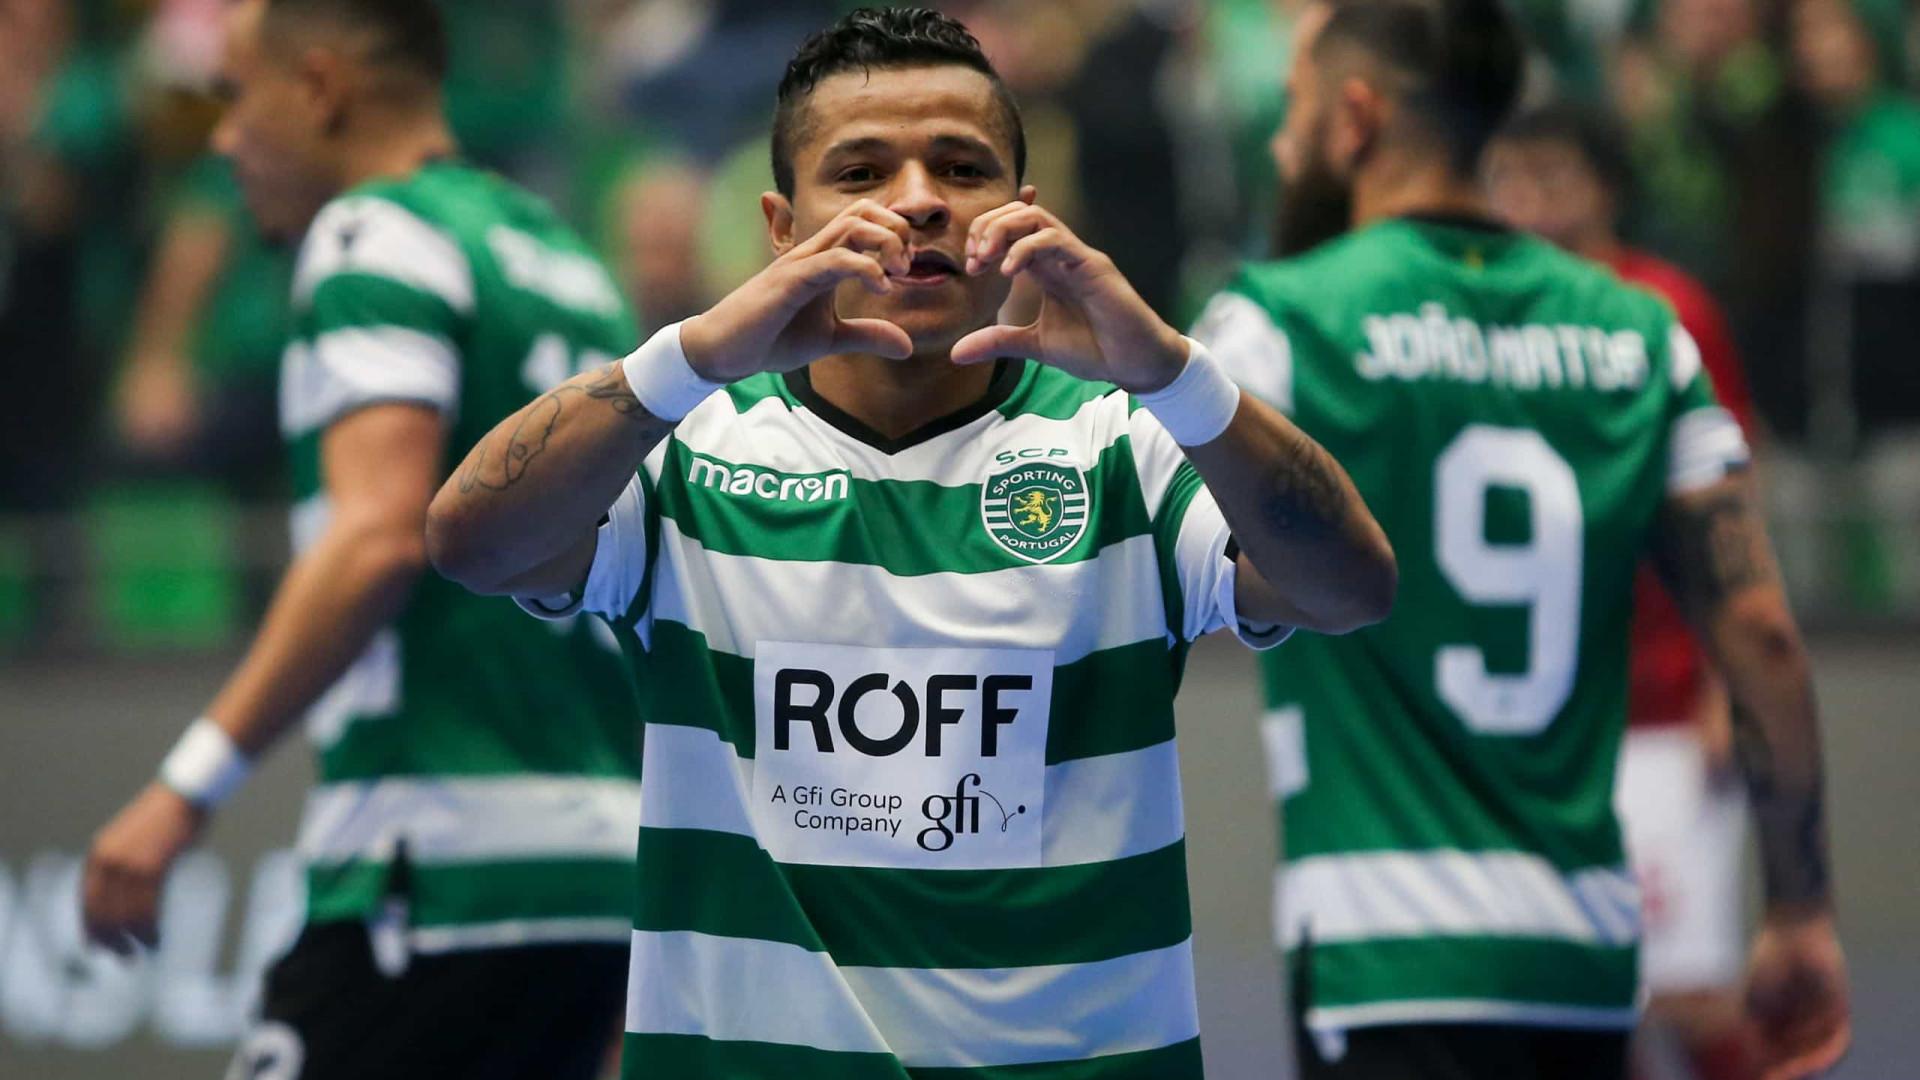 Deo renova com Sporting e aponta à conquista da Liga dos Campeões